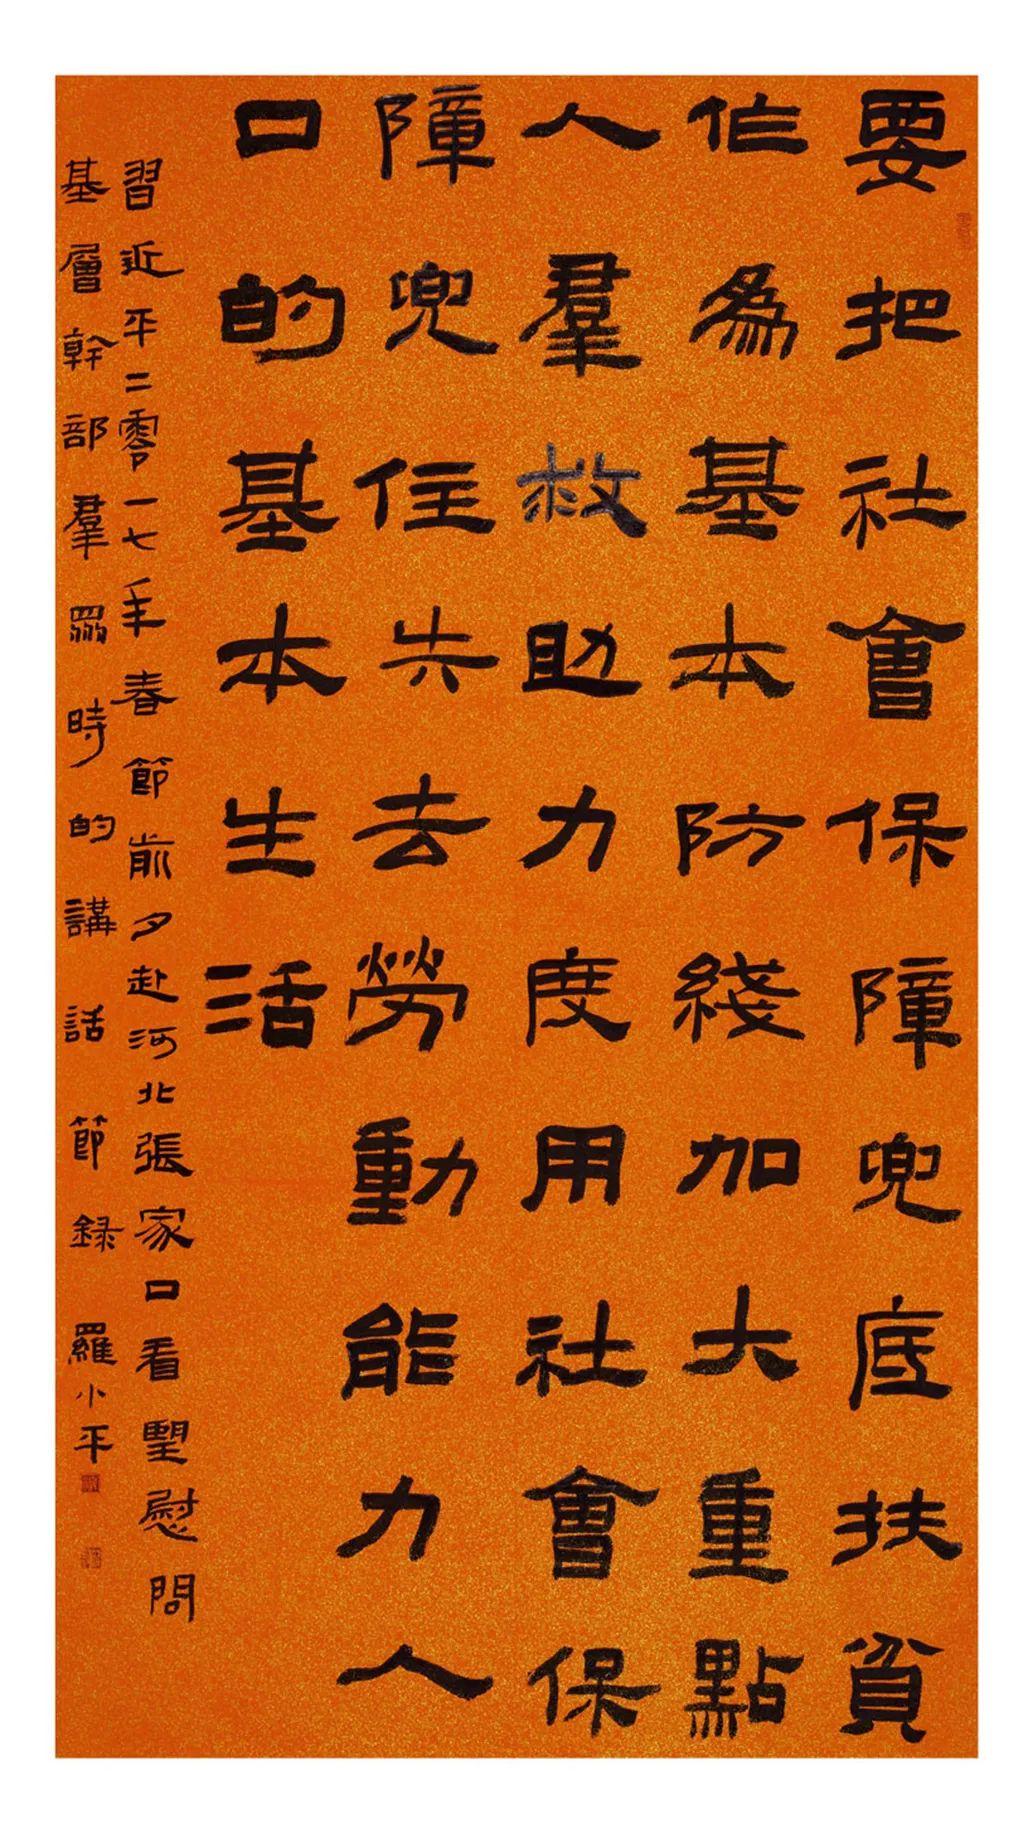 中国力量——全国扶贫书法大展作品 | 第一篇章 :人民至上(图37)